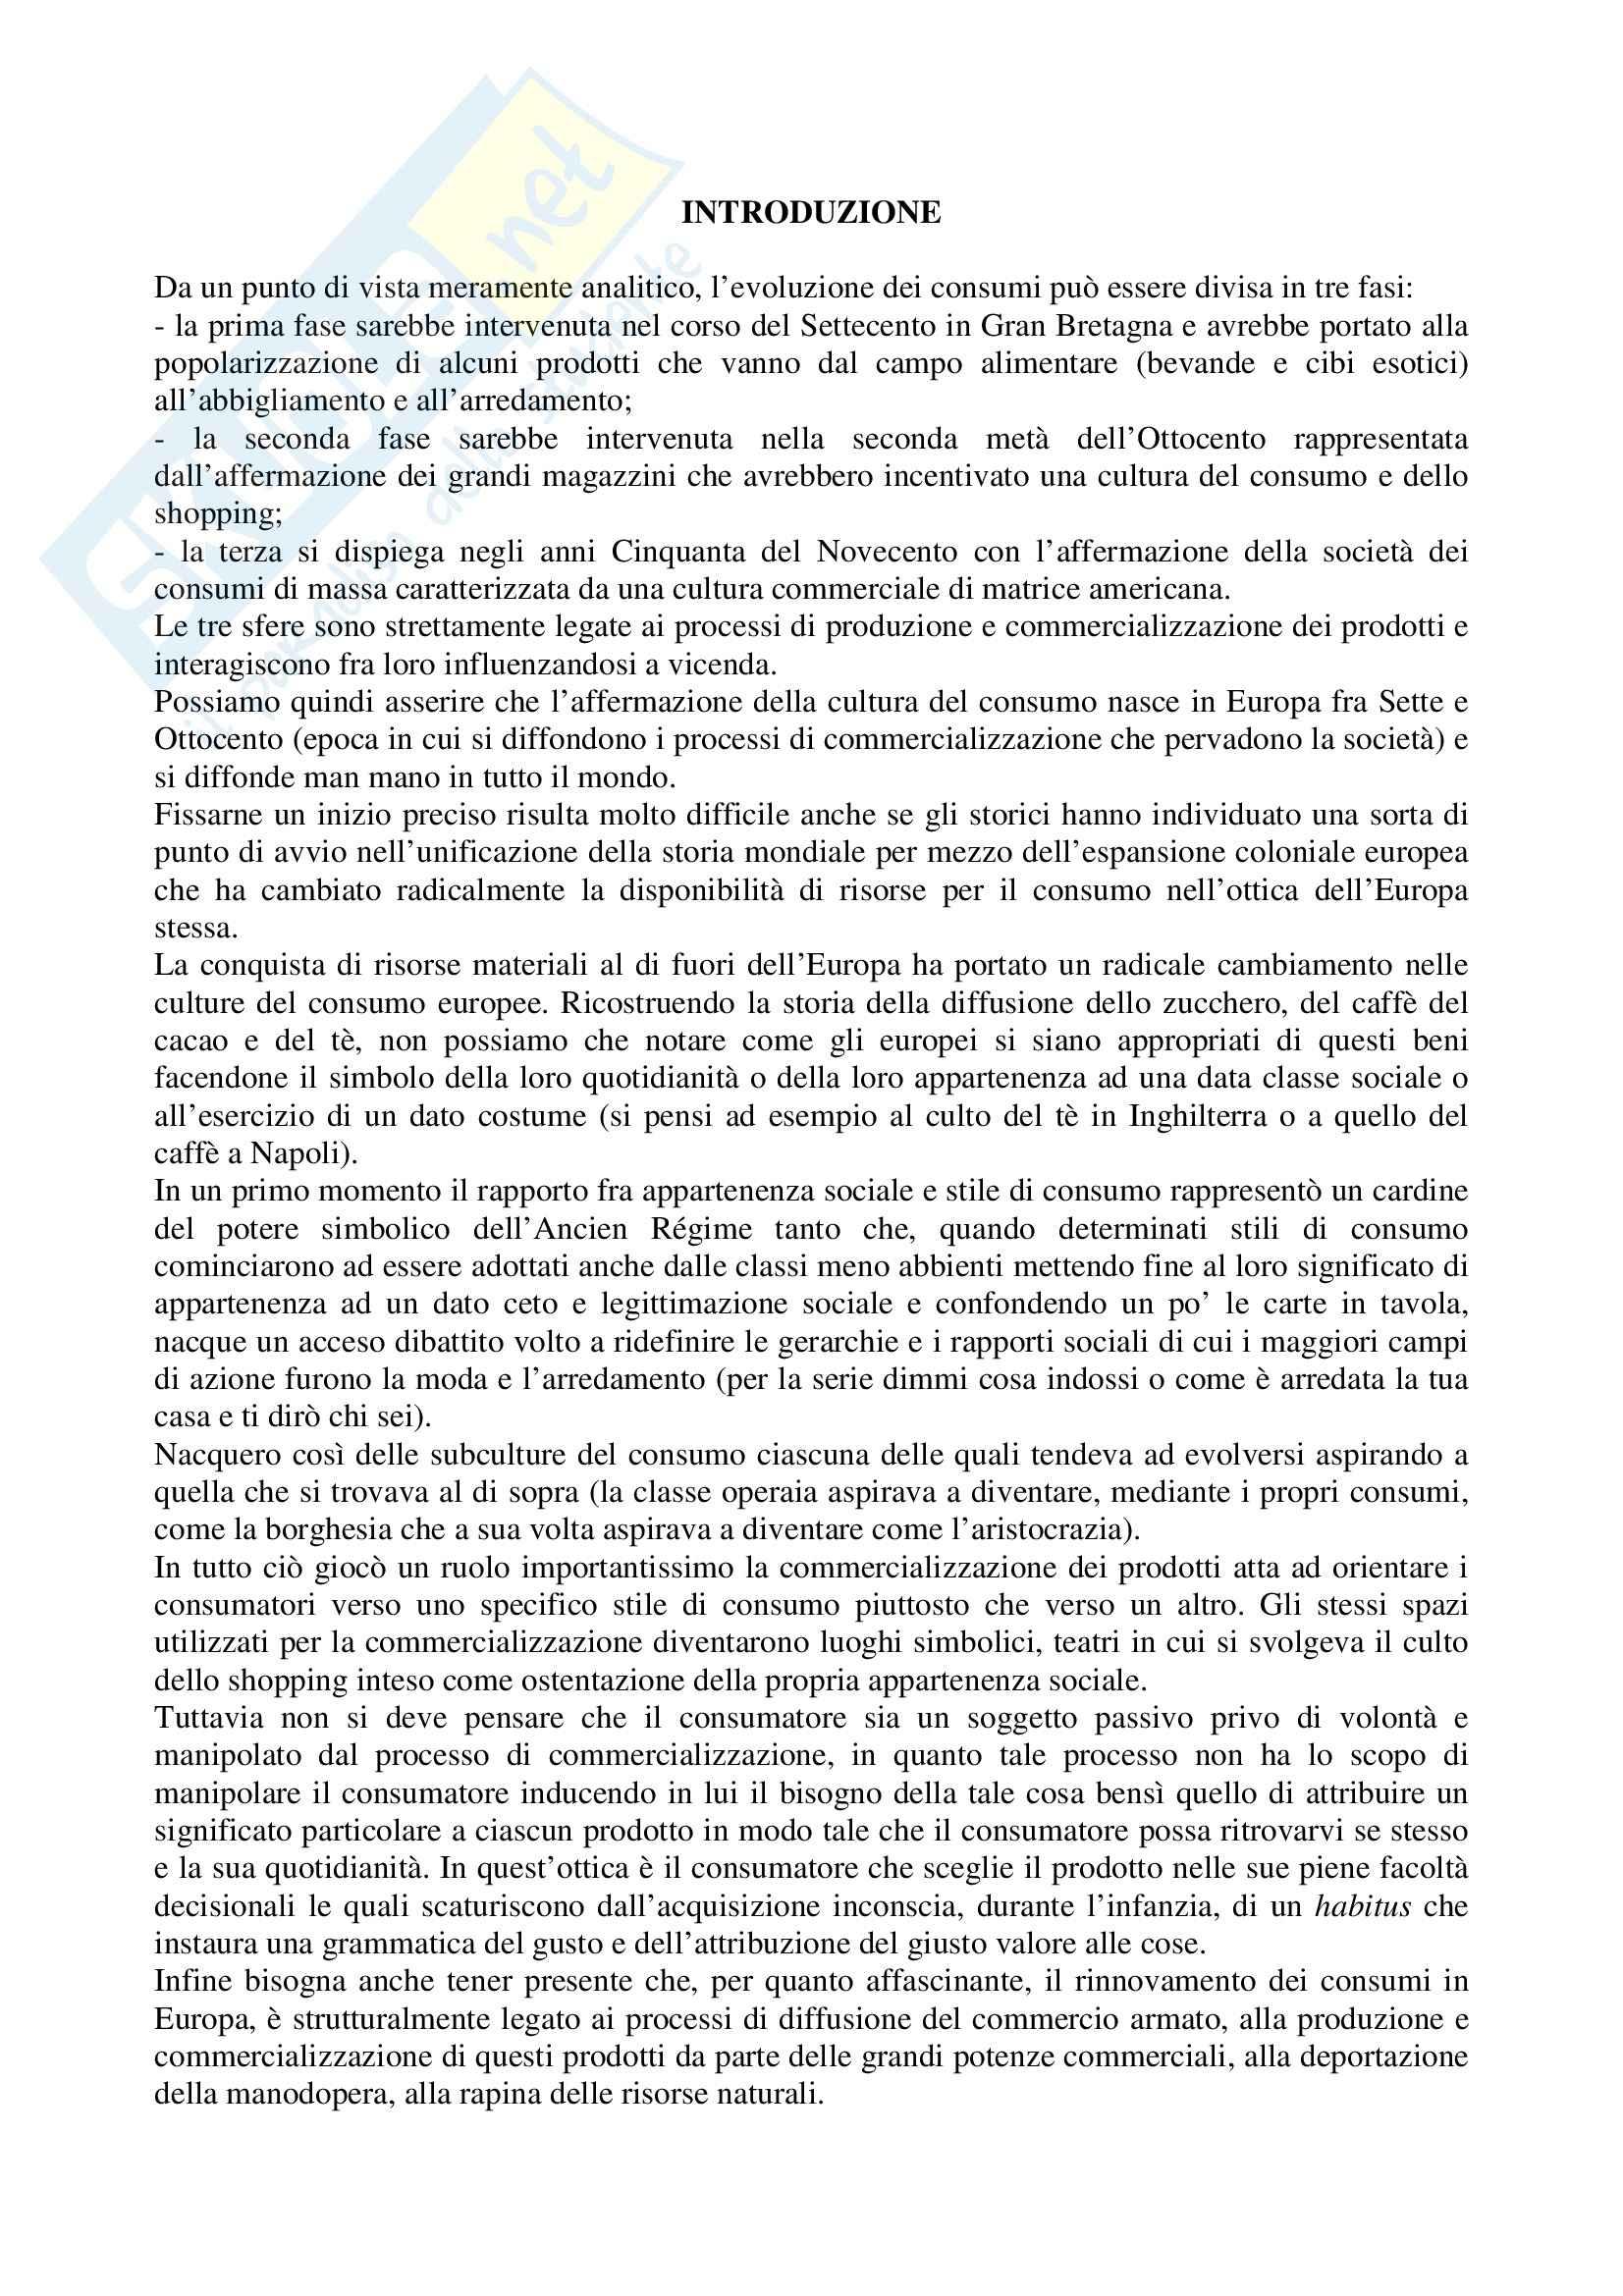 Riassunto esame Storia dell'Industria e dell'Impresa, prof. Rosolino, libro consigliato Culture del Consumo di Capuzzo